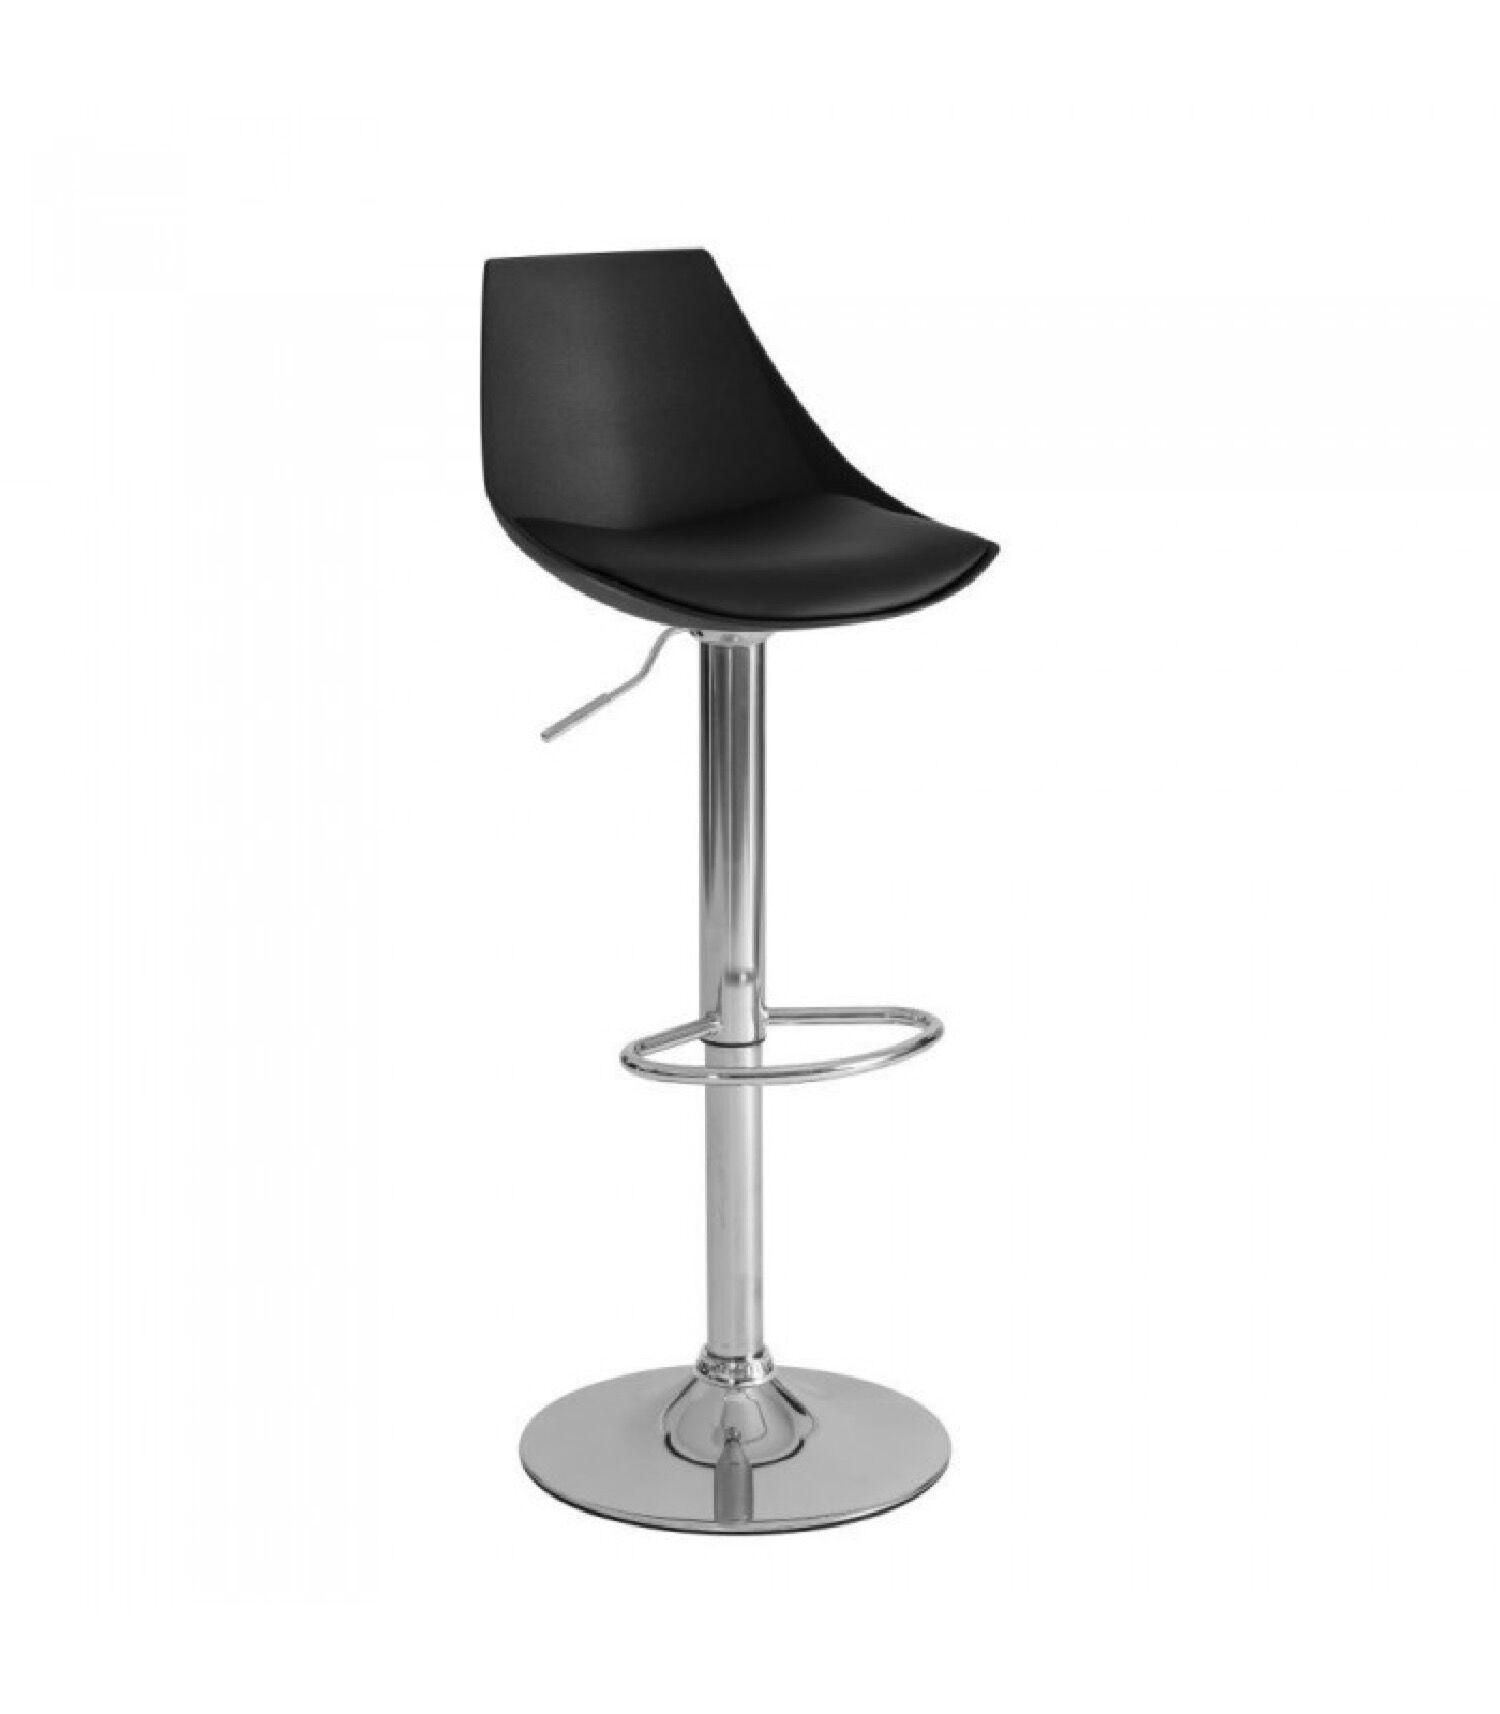 Wadiga Tabouret de bar en métal chromé et assise similicuir noir réglable